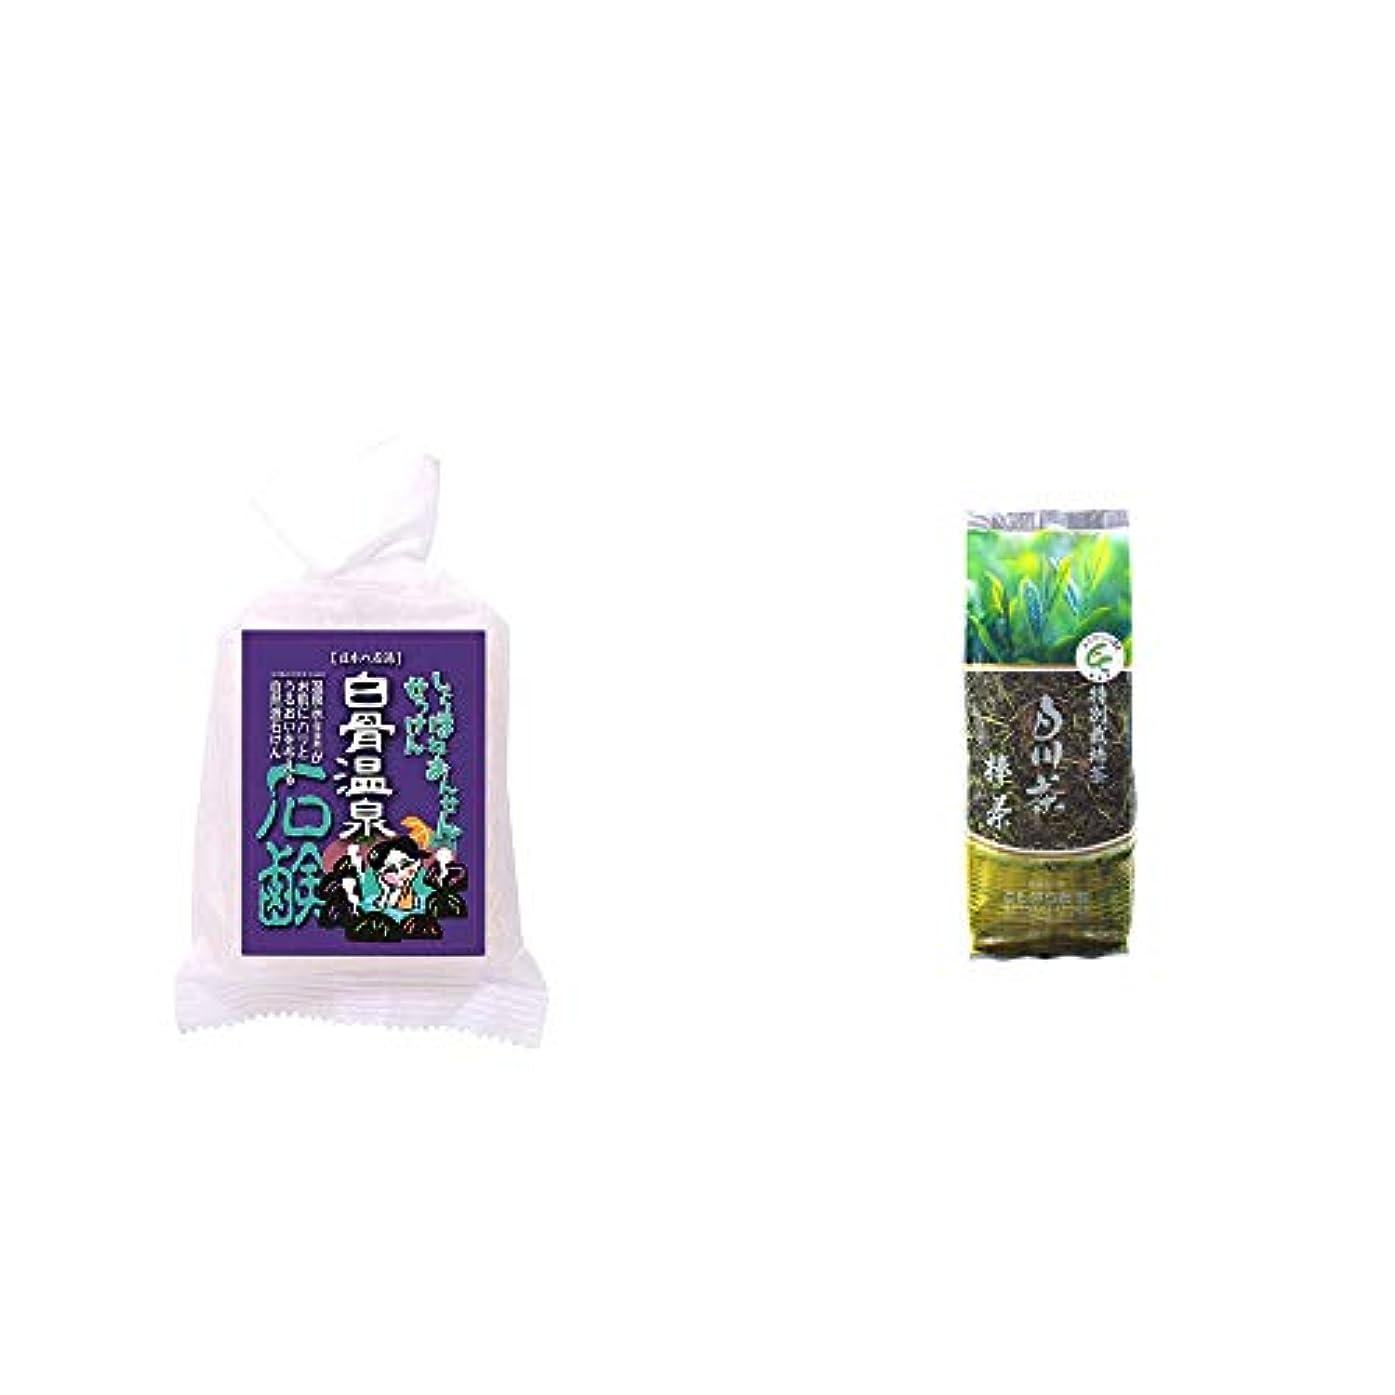 主要な圧縮された委任する[2点セット] 信州 白骨温泉石鹸(80g)?白川茶 特別栽培茶【棒茶】(150g)